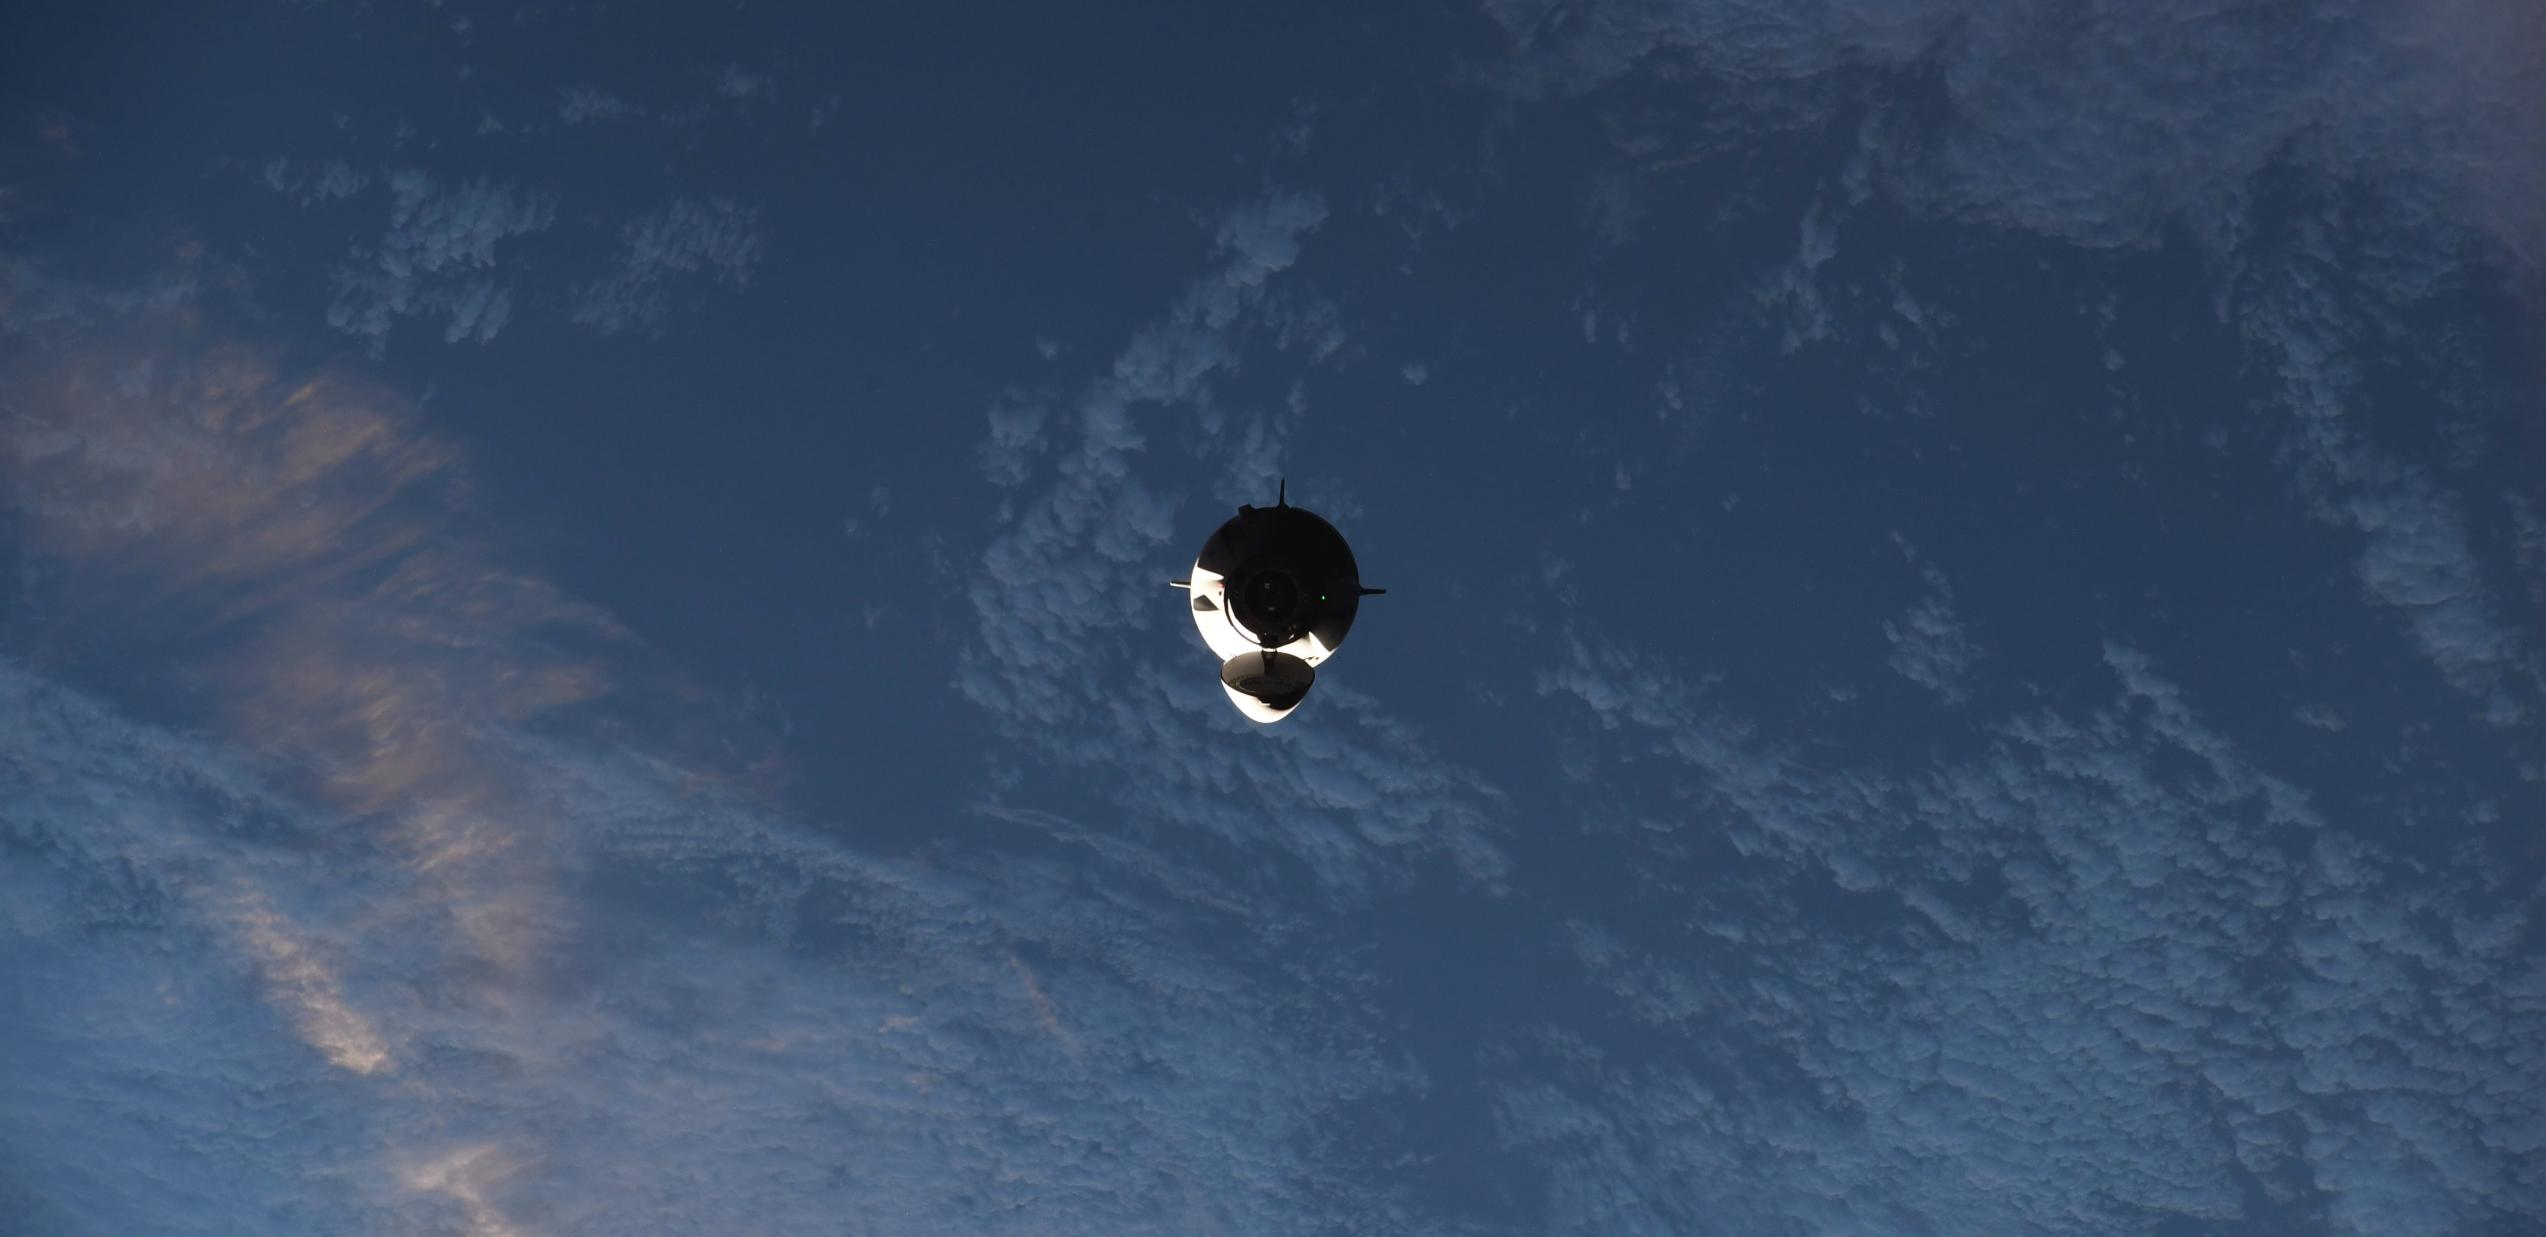 Crew-2 Crew Dragon C206 orbit ops 042421 (NASA) ISS arrival 1 crop (c)